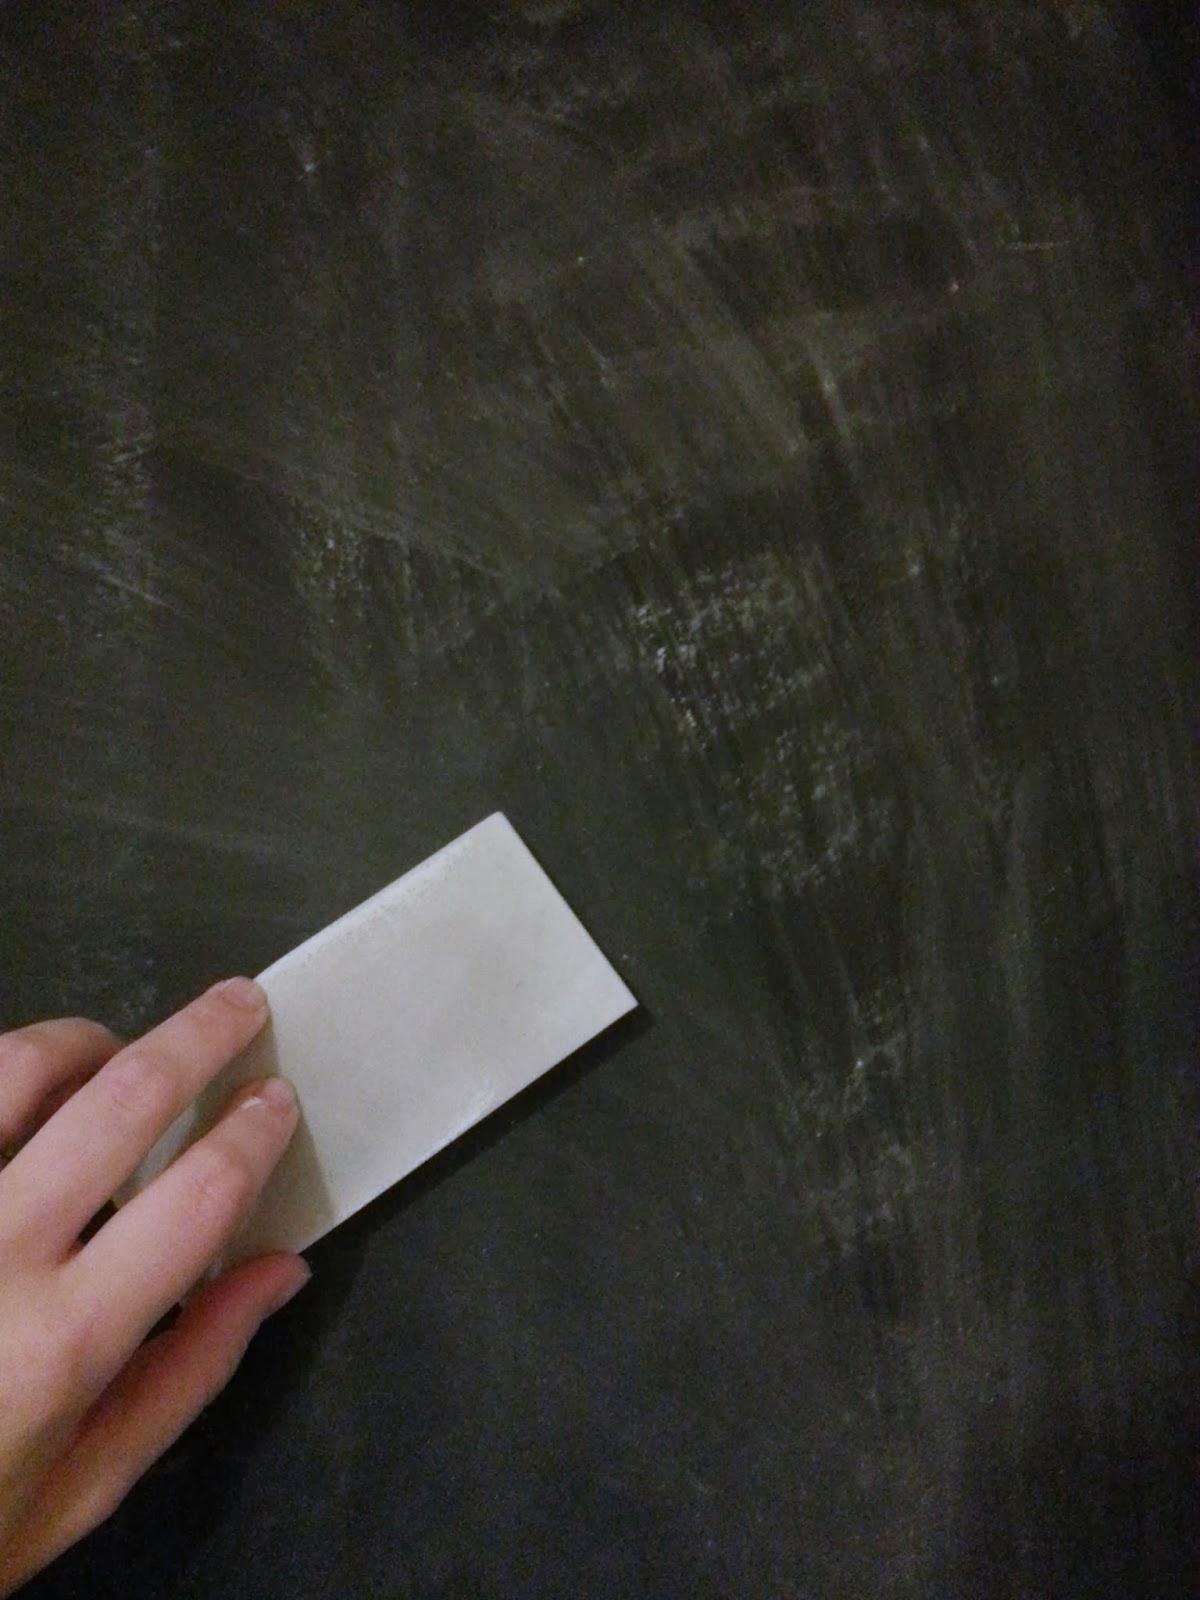 Chalkboard Eraser Png image #37424